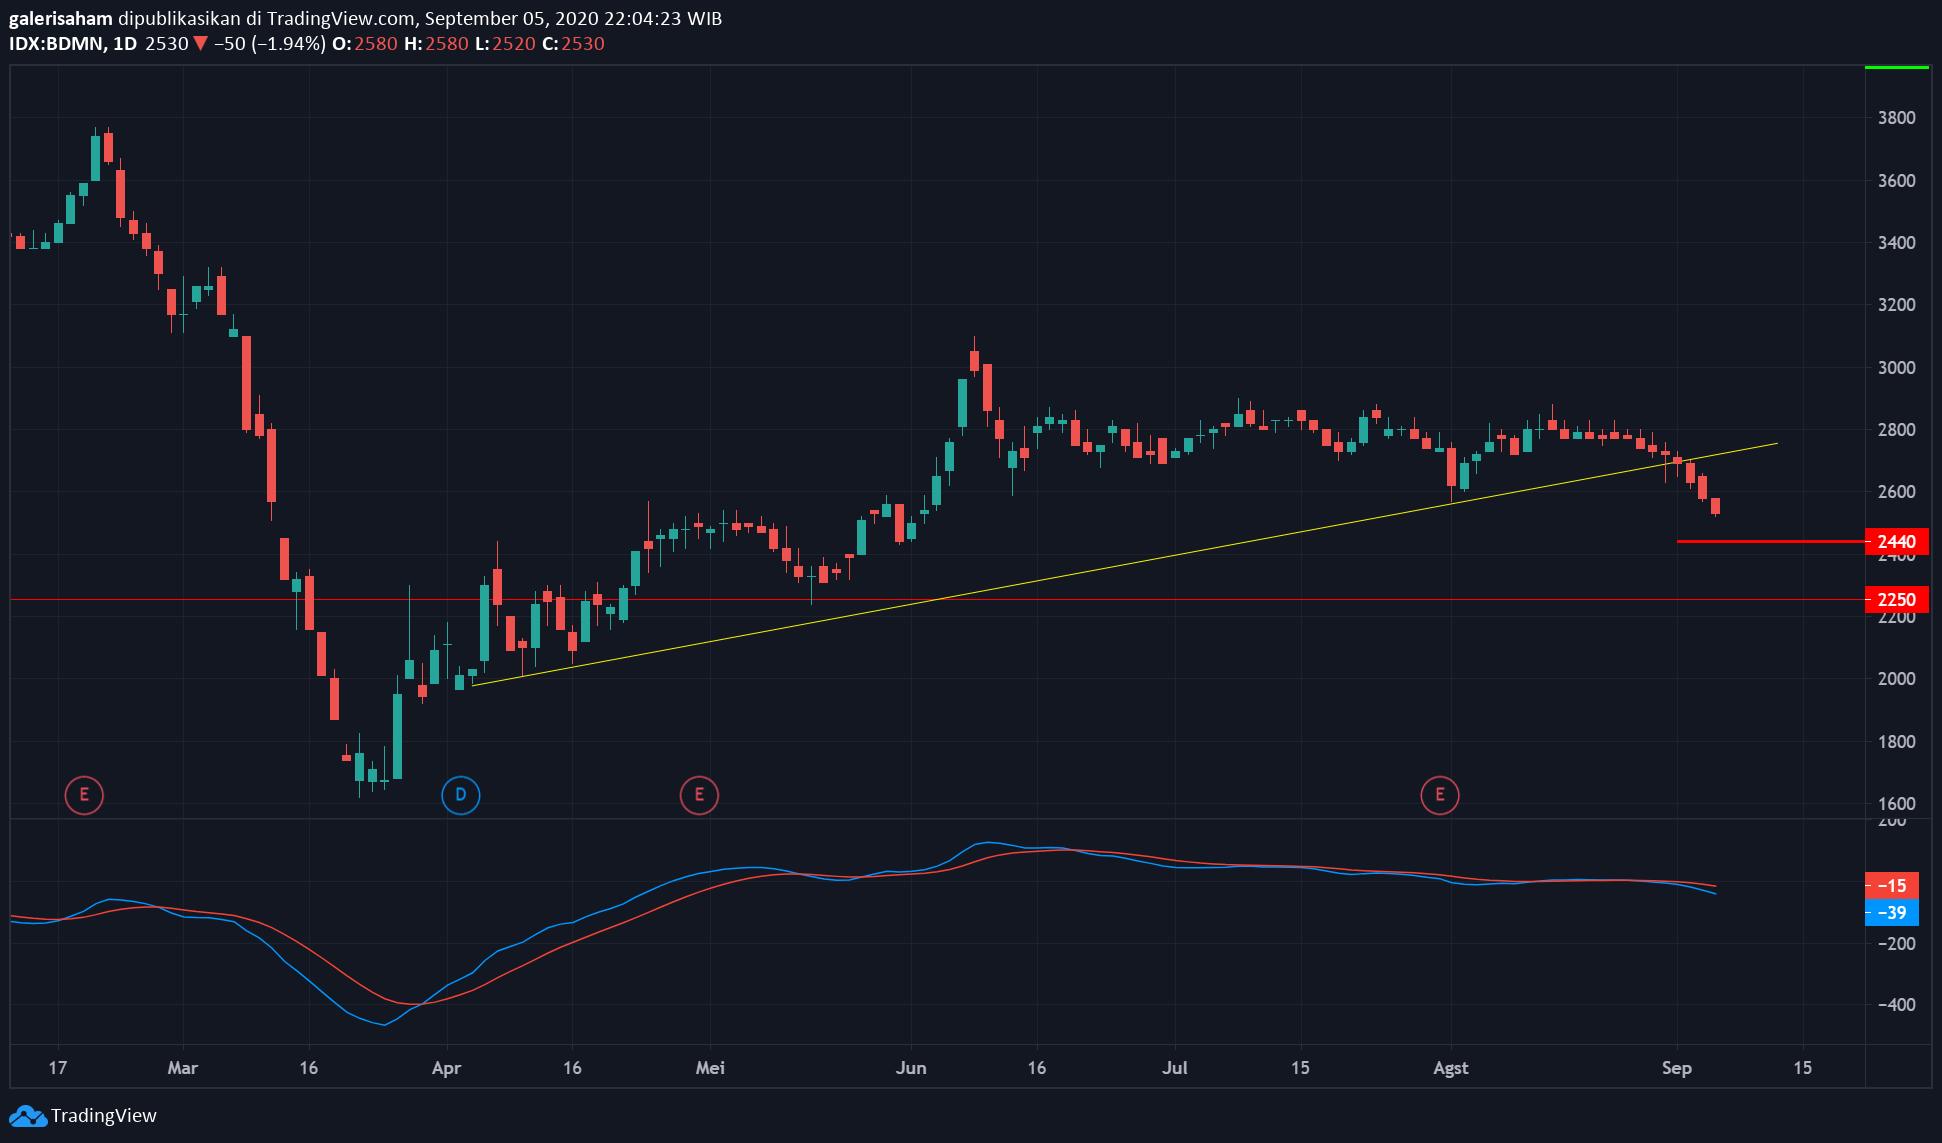 BDMN BDMN Bergerak Downtrend, Sell